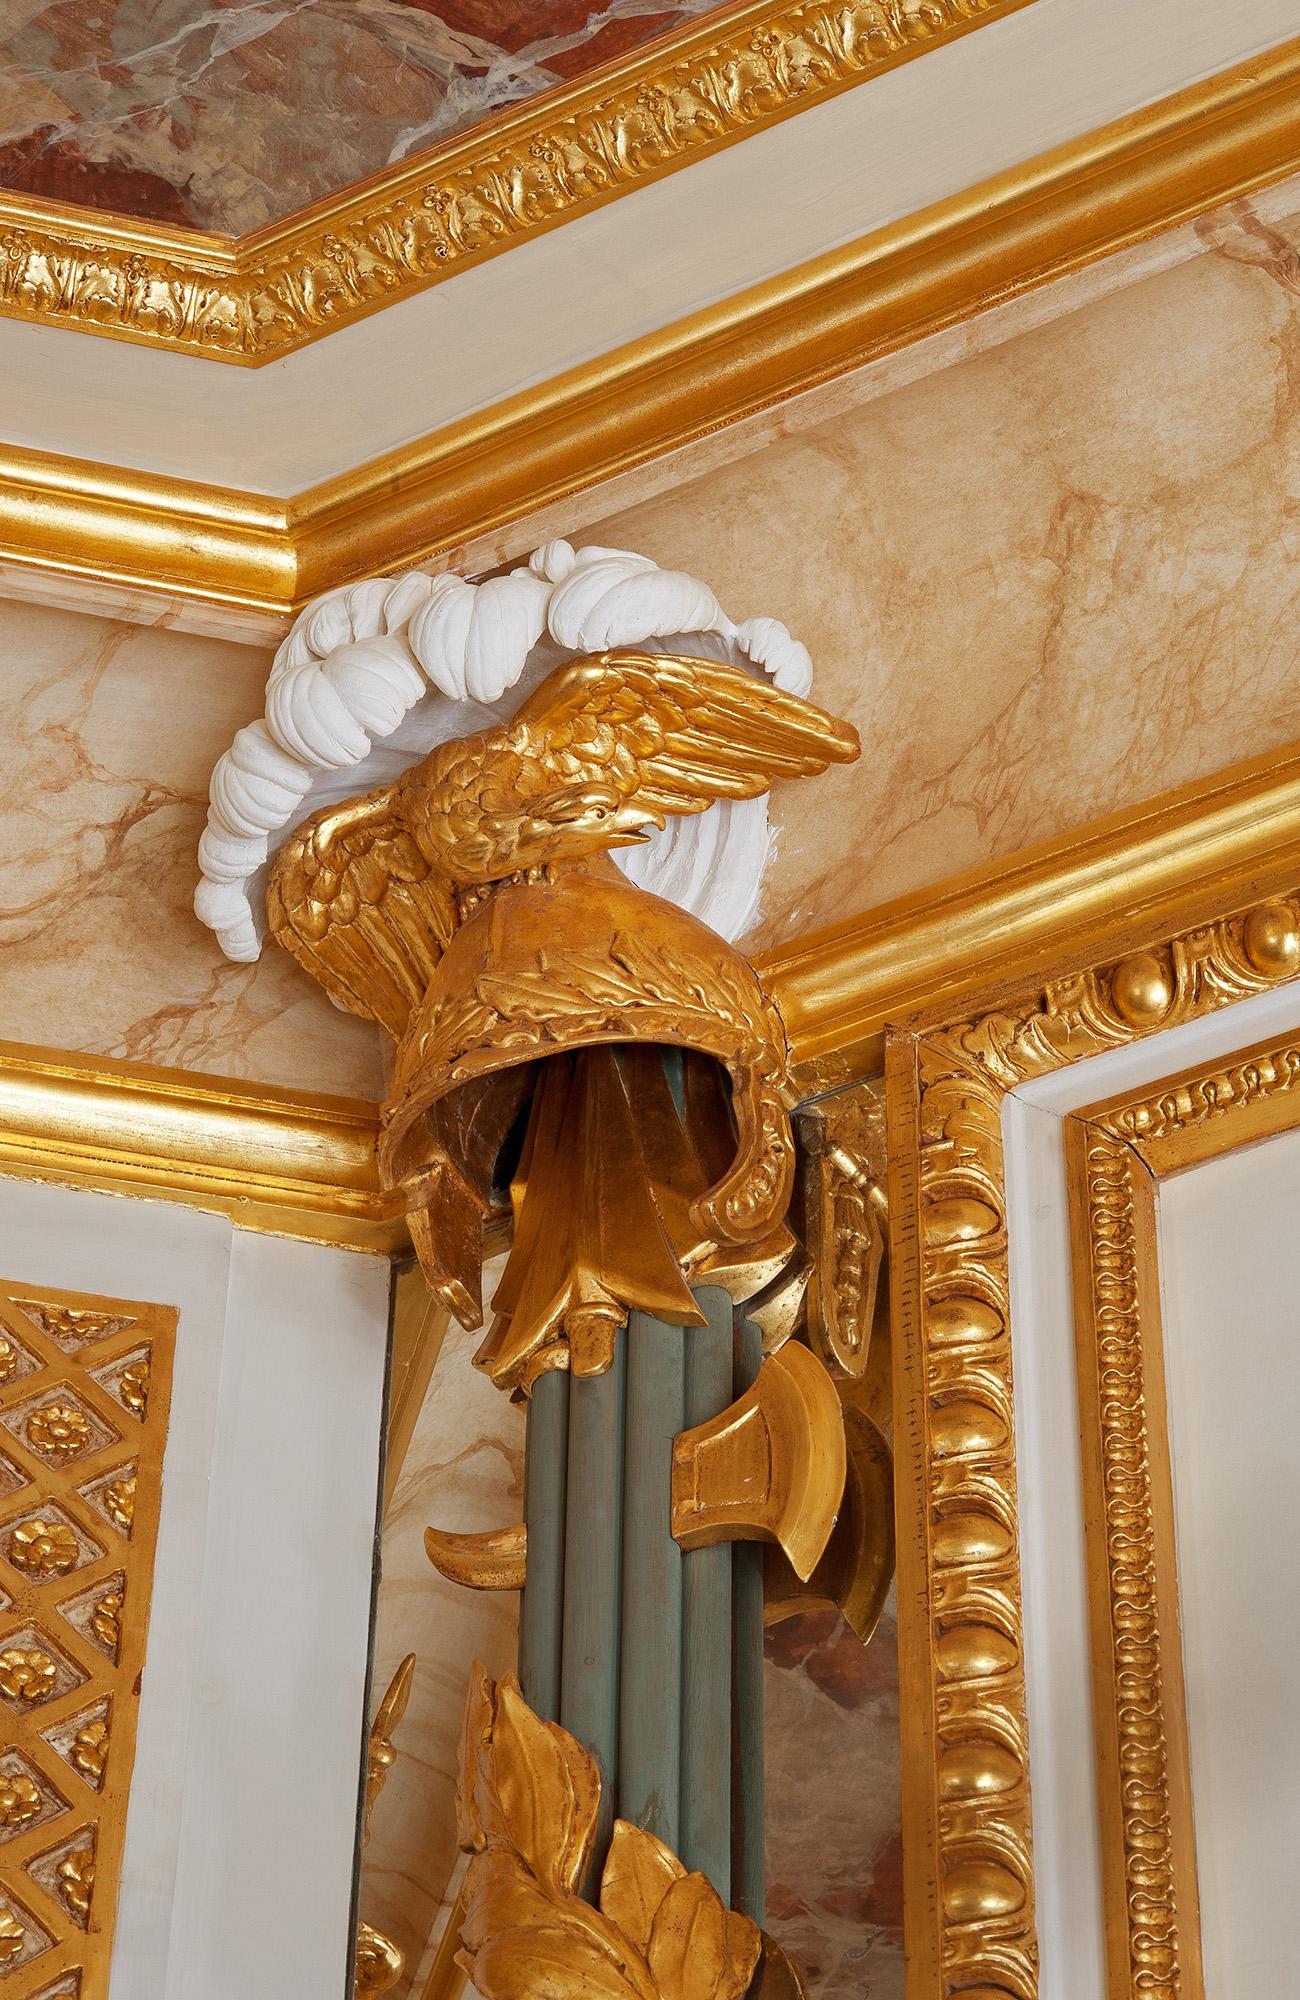 Chapiteau casque sur faisceaux de boiserie Ledoux, corniche et plafond, peinture blanche, or, et imitation marbre roux